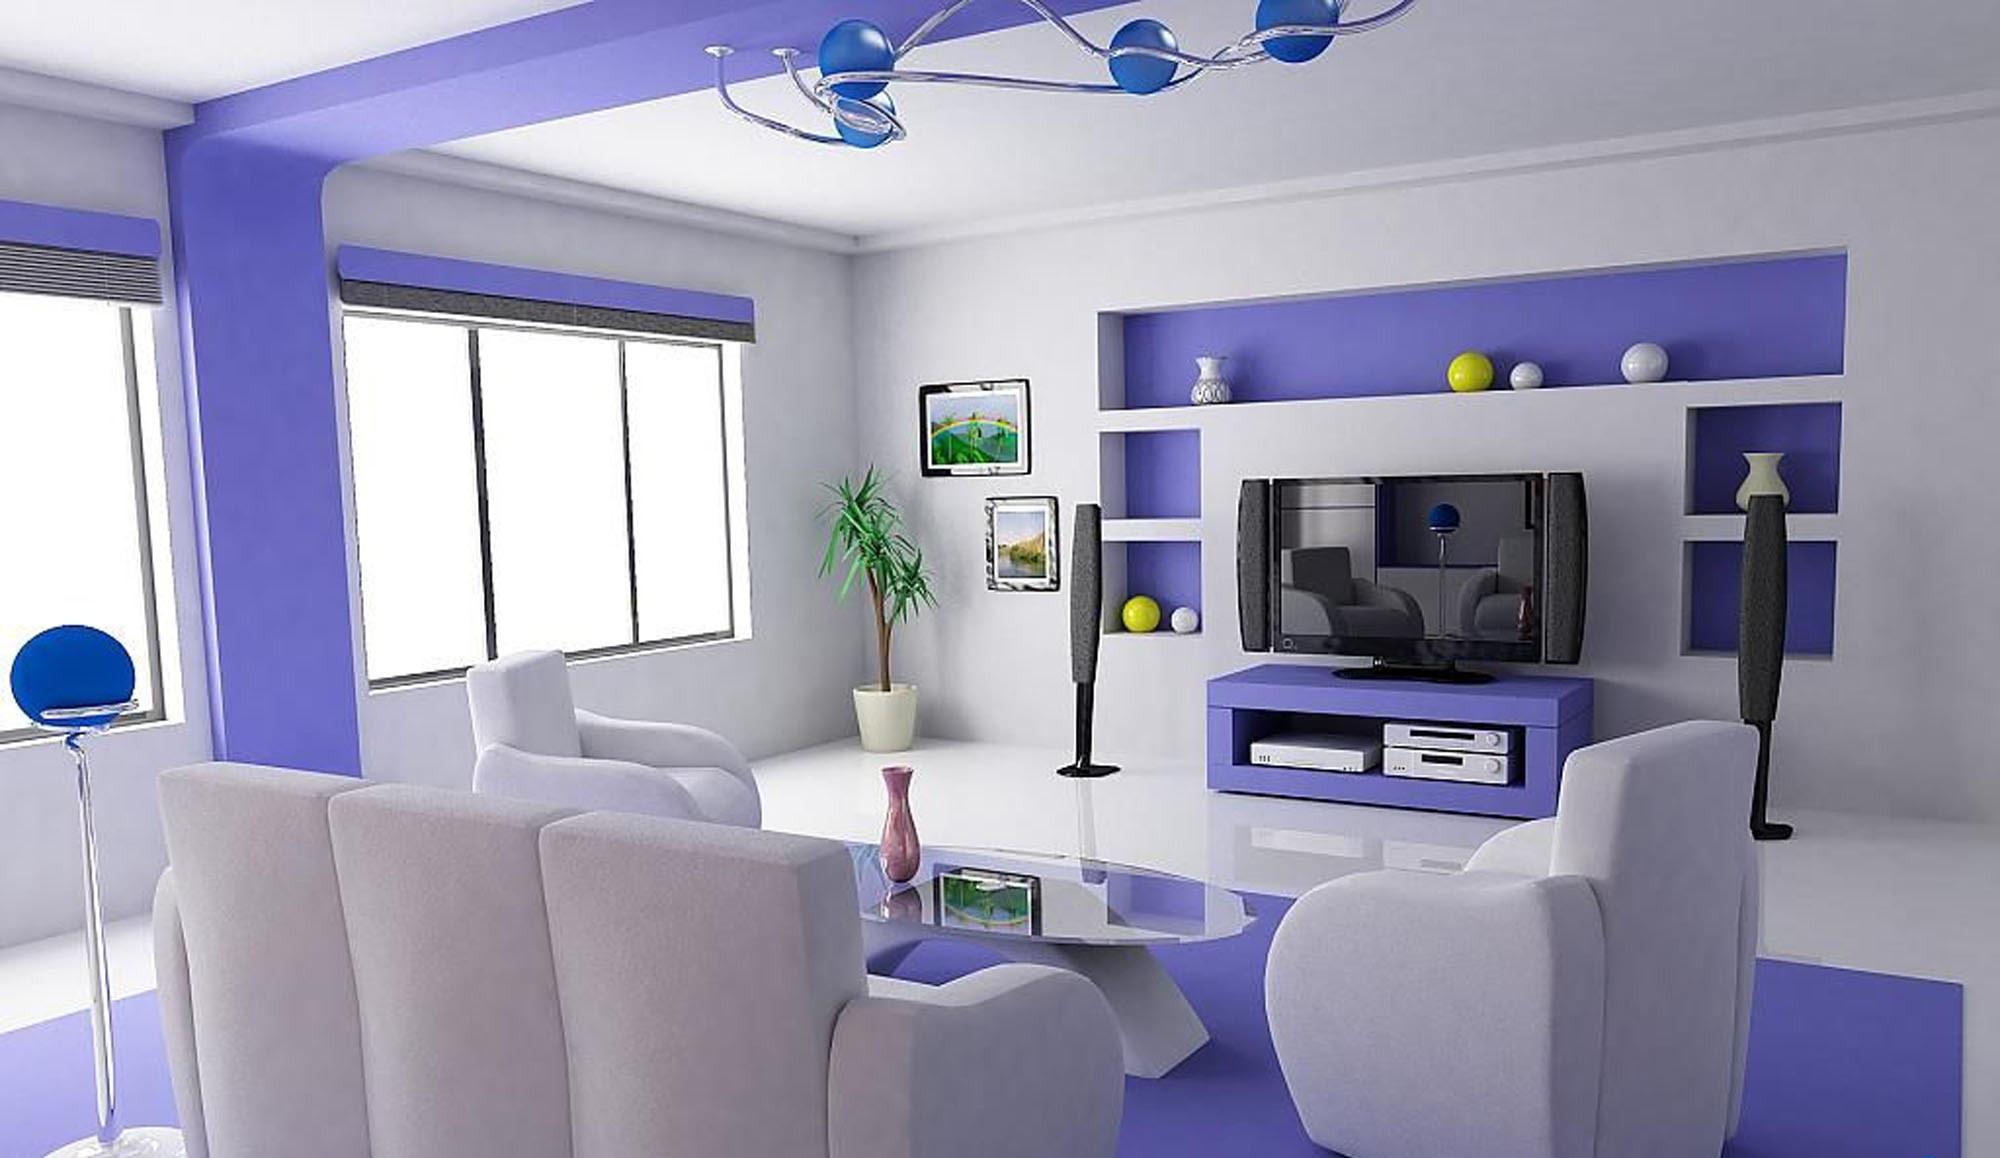 Особенности отделки квартир, фото варианты дизайна